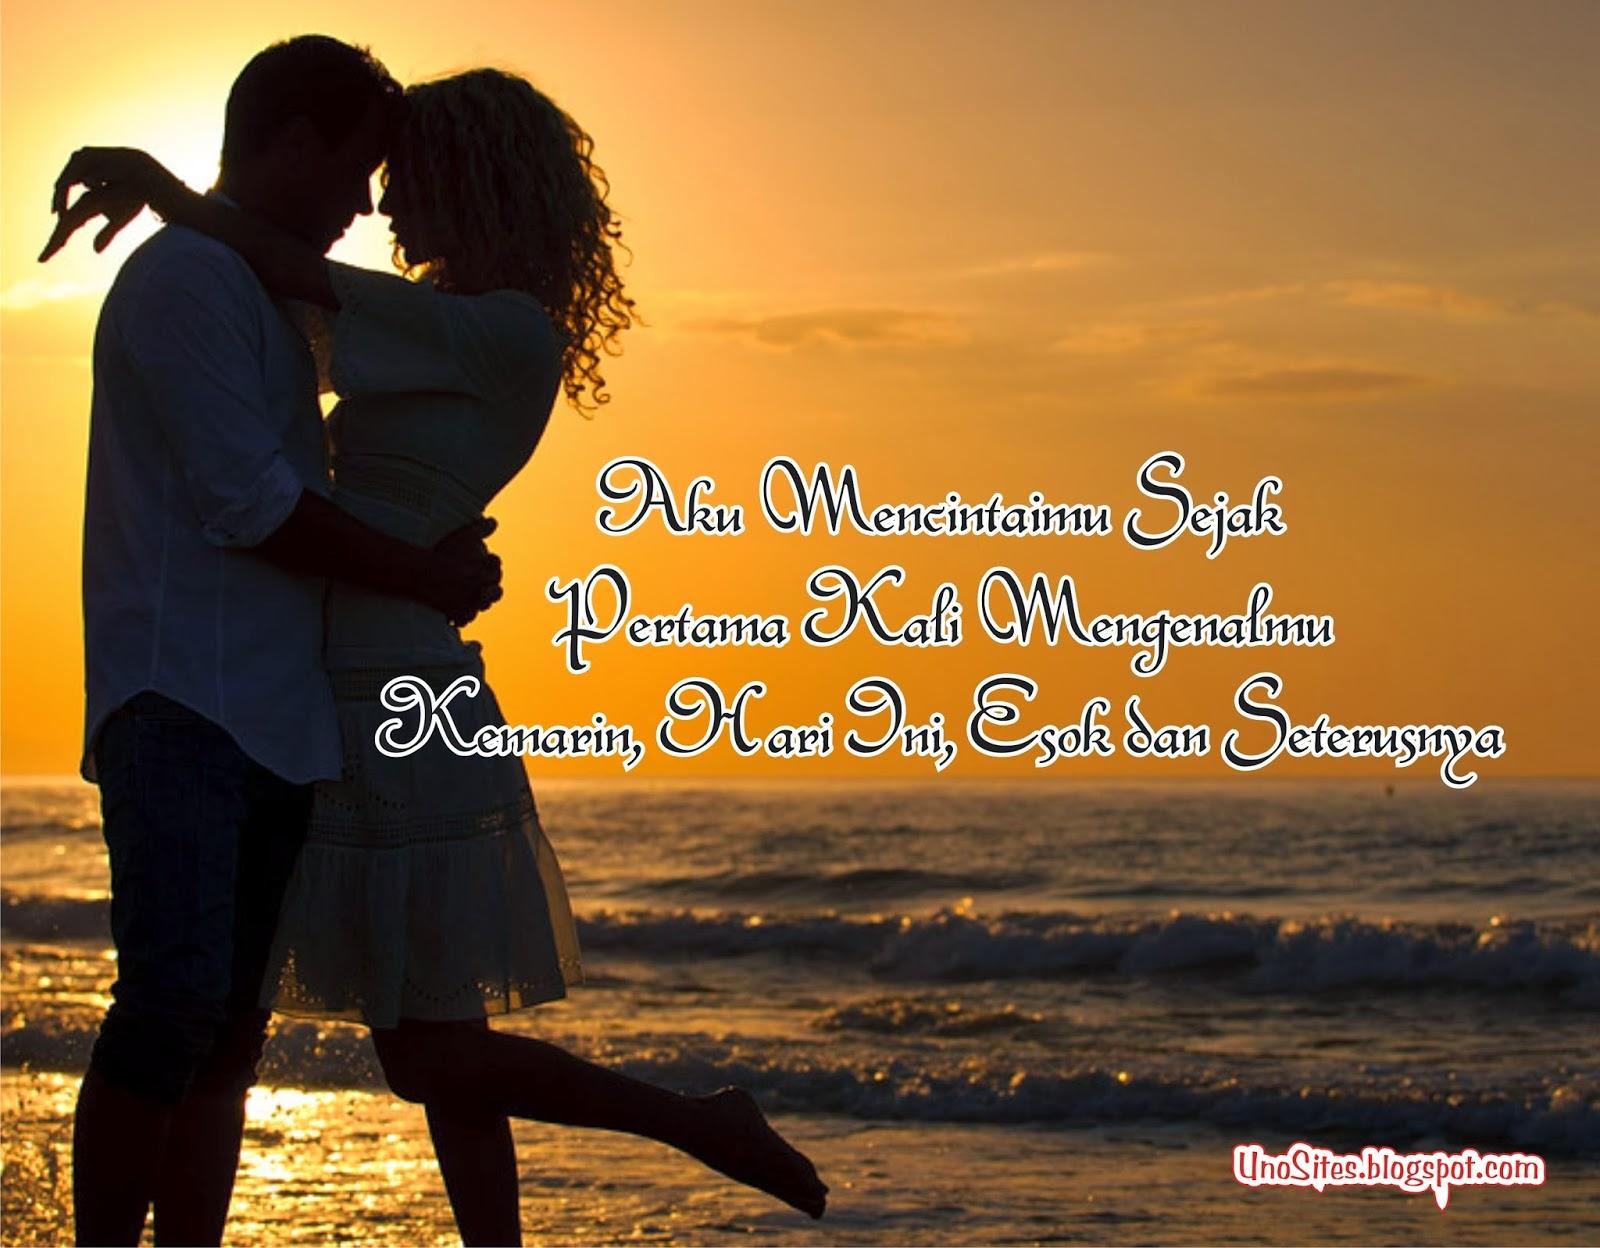 Kata Kata Romantis Mutiara